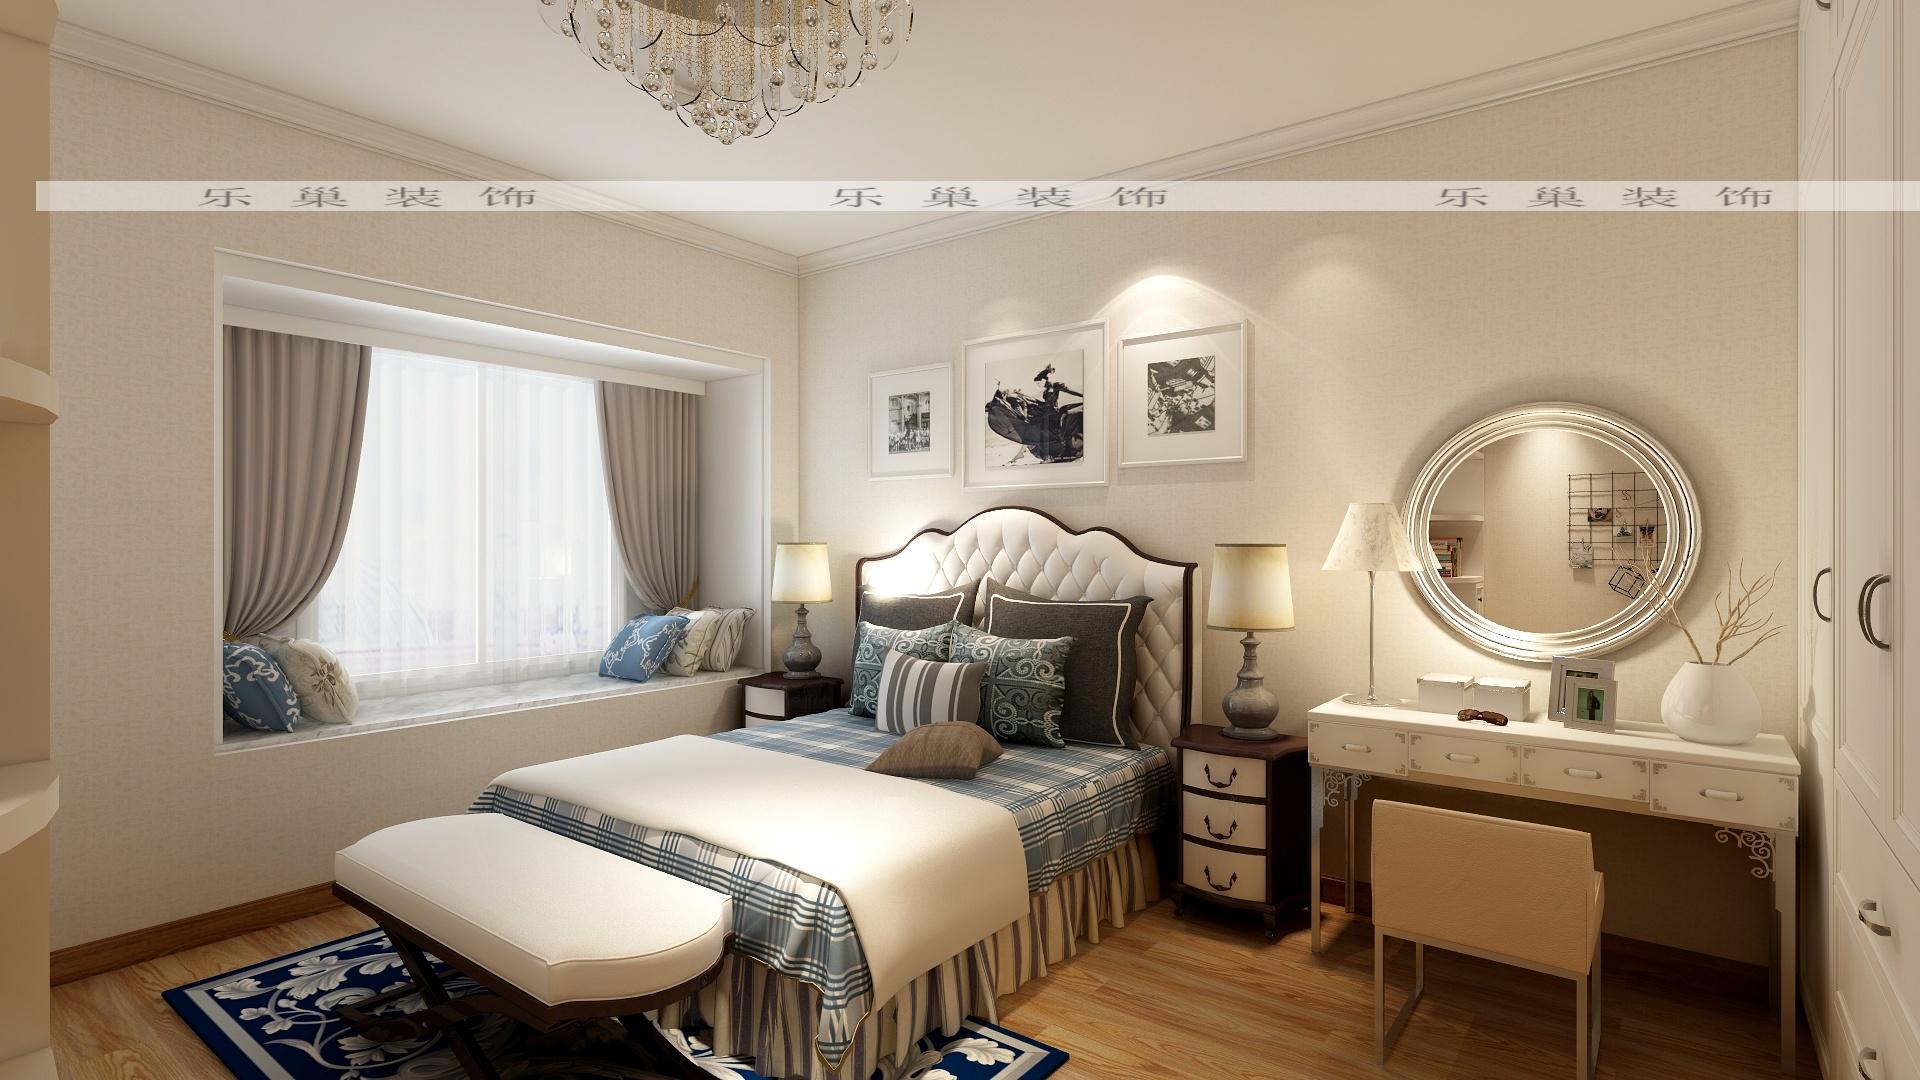 锦尚名苑112平方2房2厅欧式轻奢家装效果图